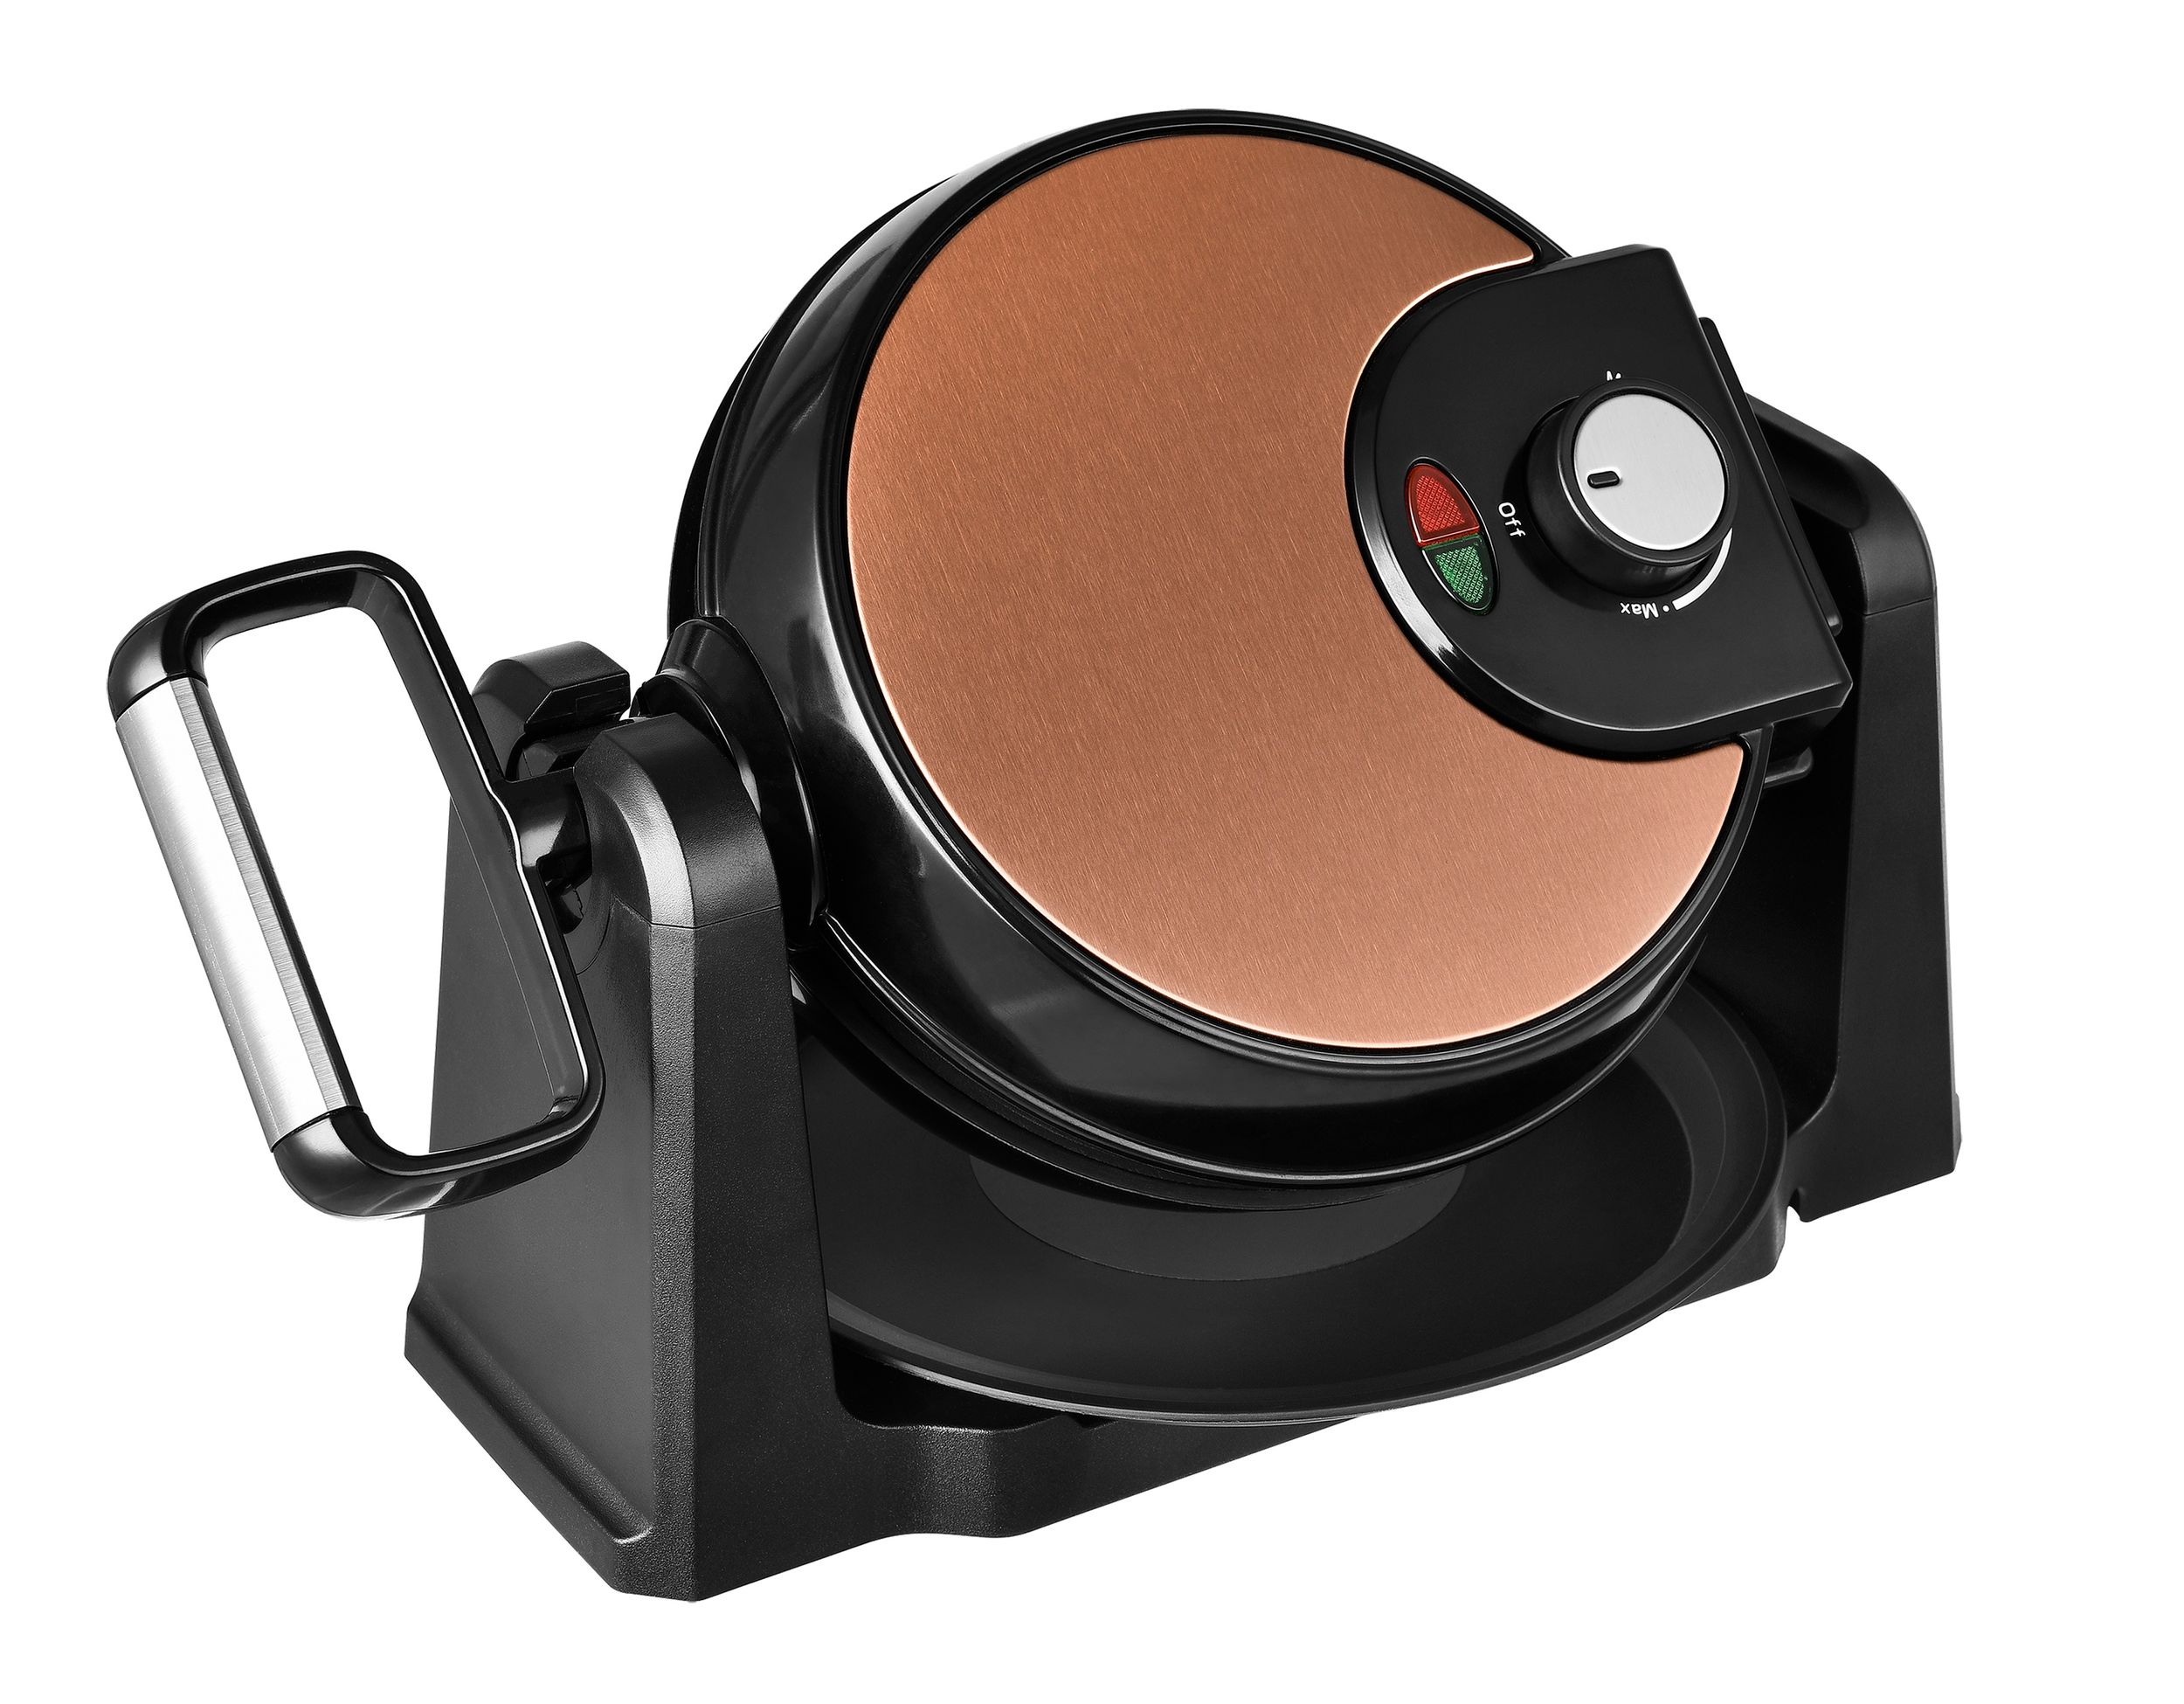 Drehbares Wende Waffeleisen Wafflemaker Antihaft Copper Kupfer Thermostat NEU*49197 Bild 3